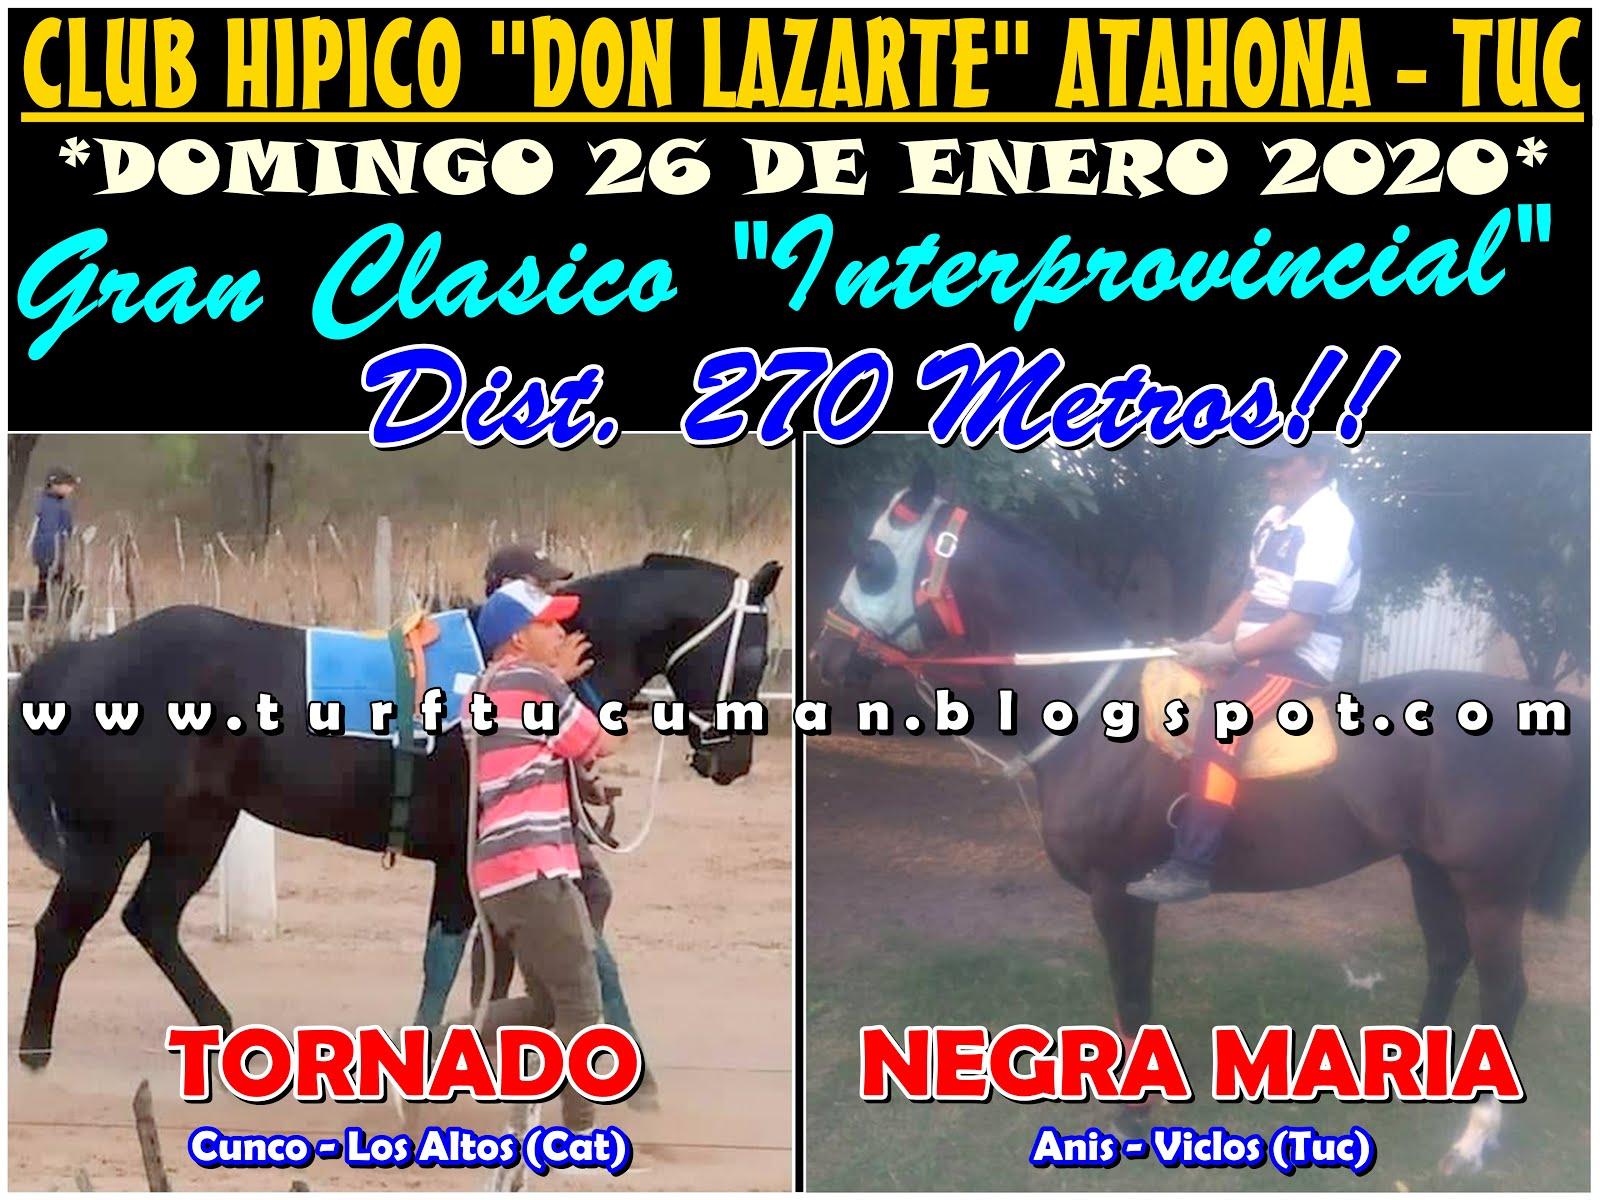 TORNADO VS NEGRA MARIA